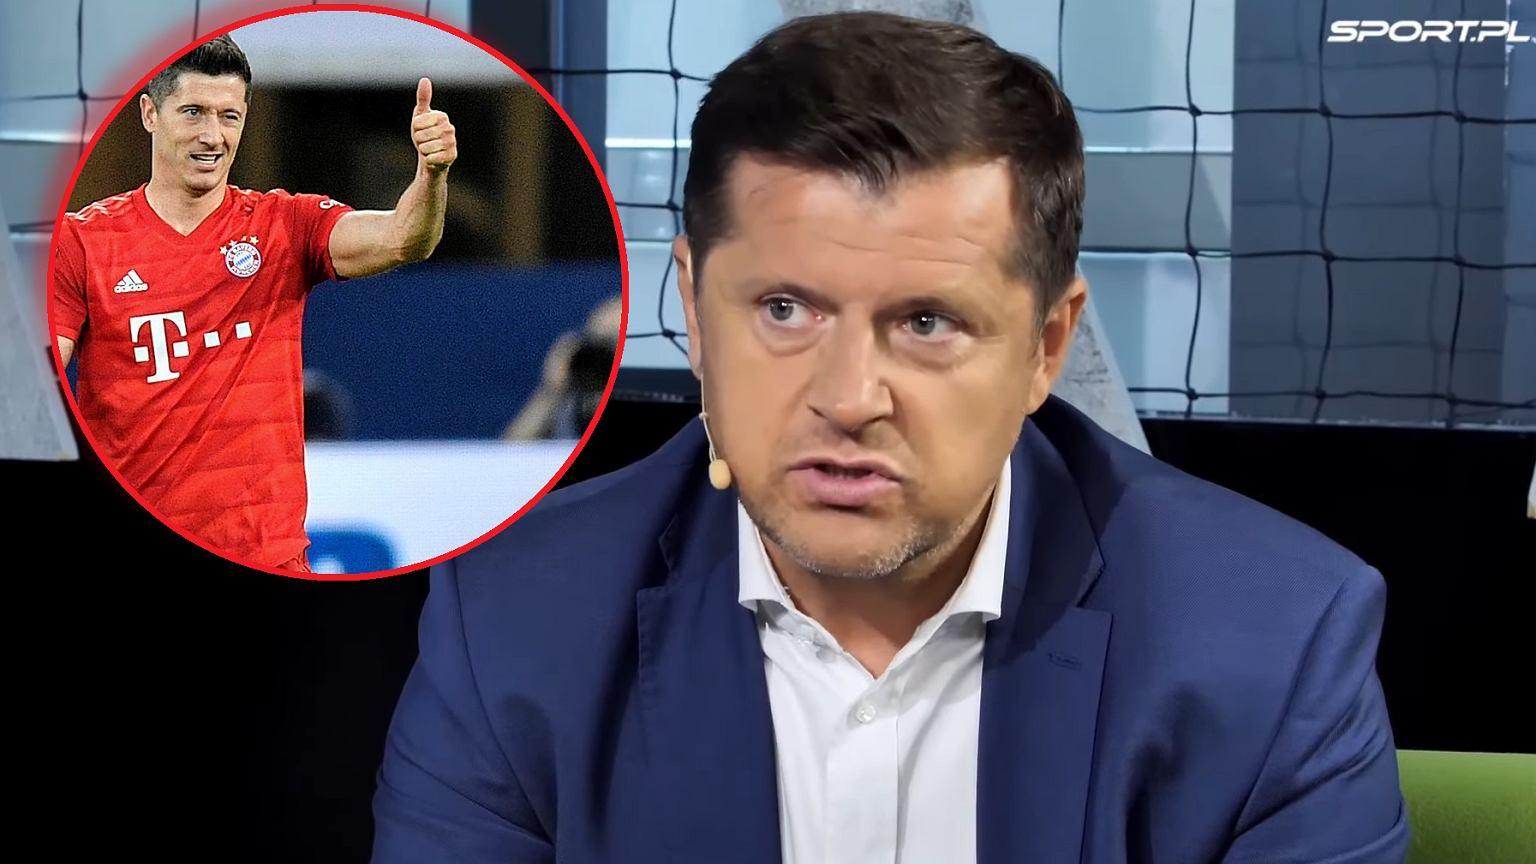 Prokuratura zabezpieczyła telefony Lewandowskiego. Dowody w sprawie o szantaż